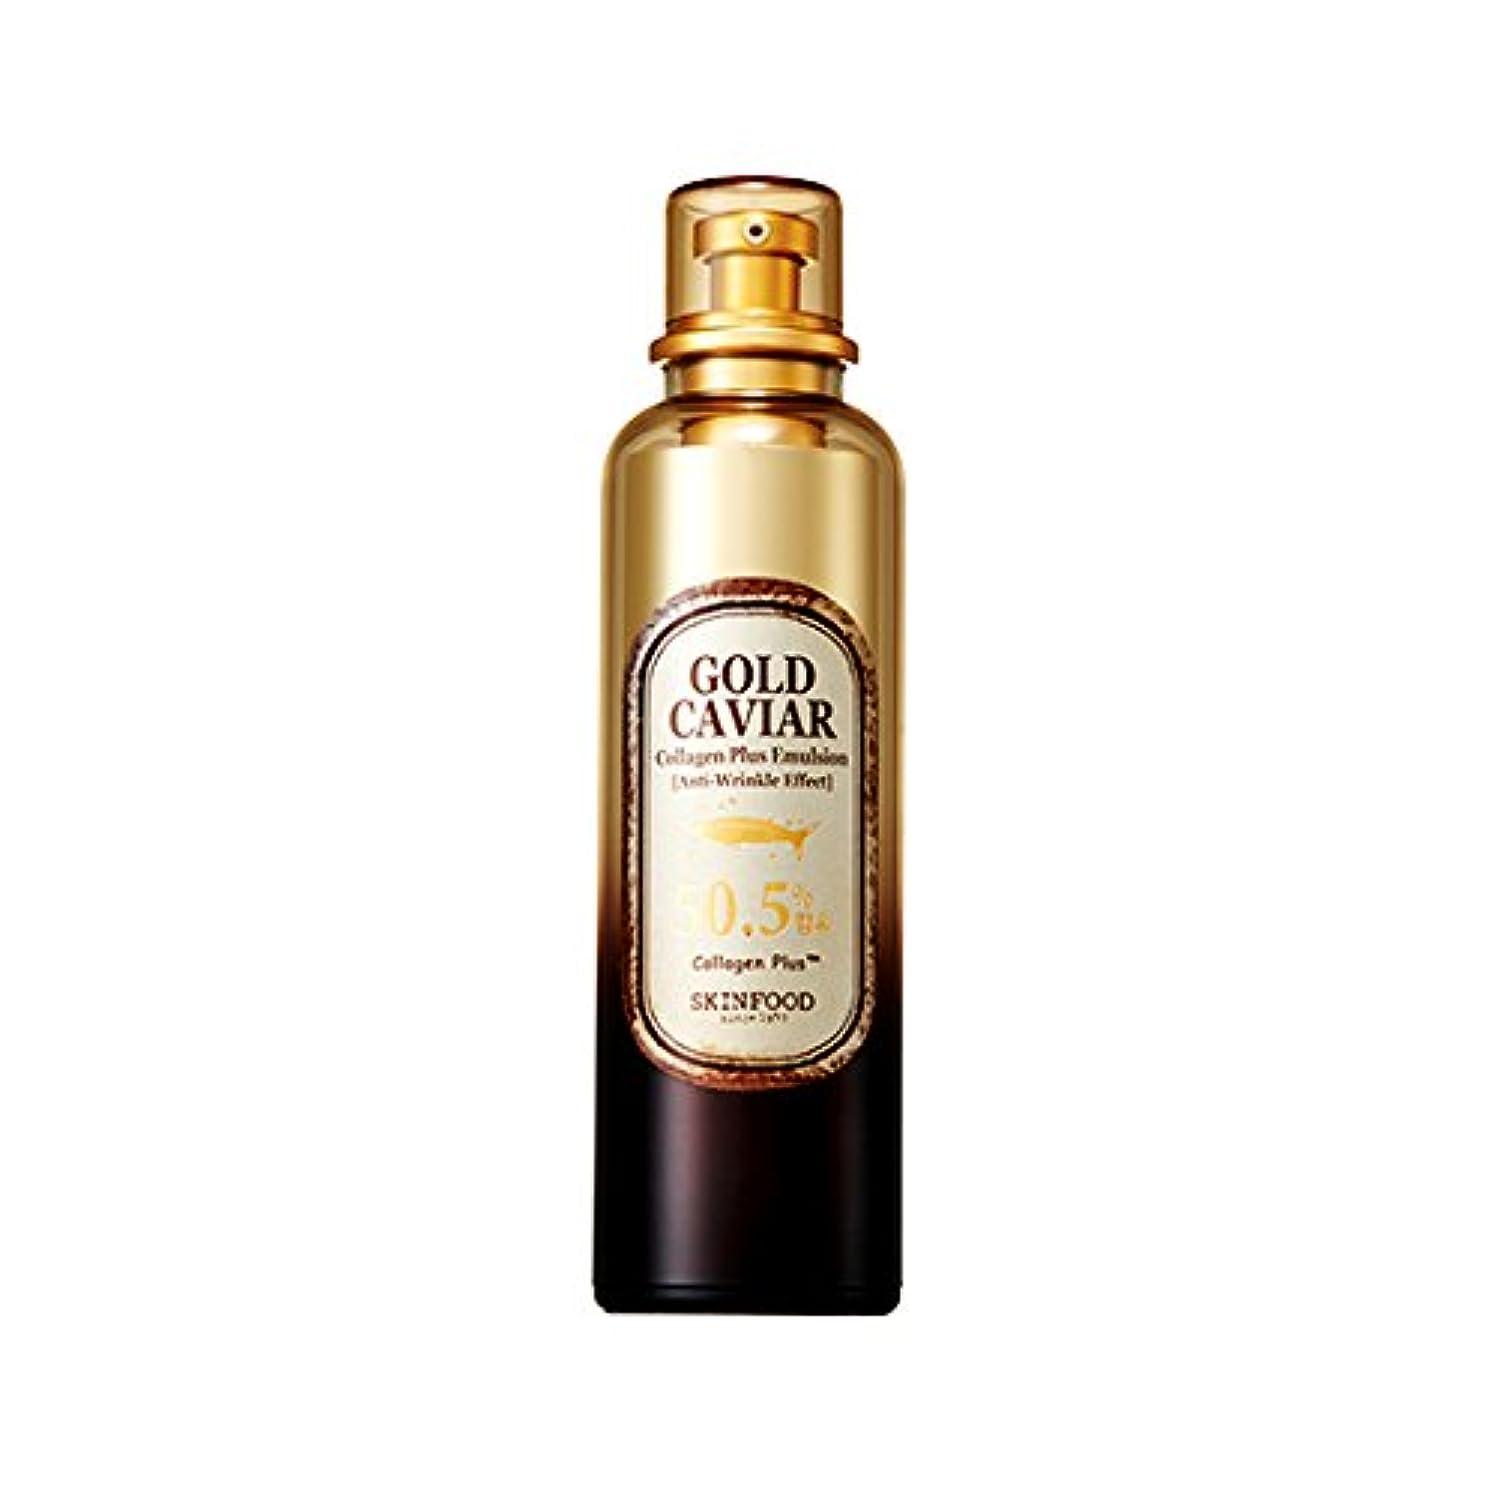 闇作曲する蓮Skinfood ゴールドキャビアコラーゲンプラスエマルジョン/Gold Caviar Collagen Plus Emulsion 120ml [並行輸入品]